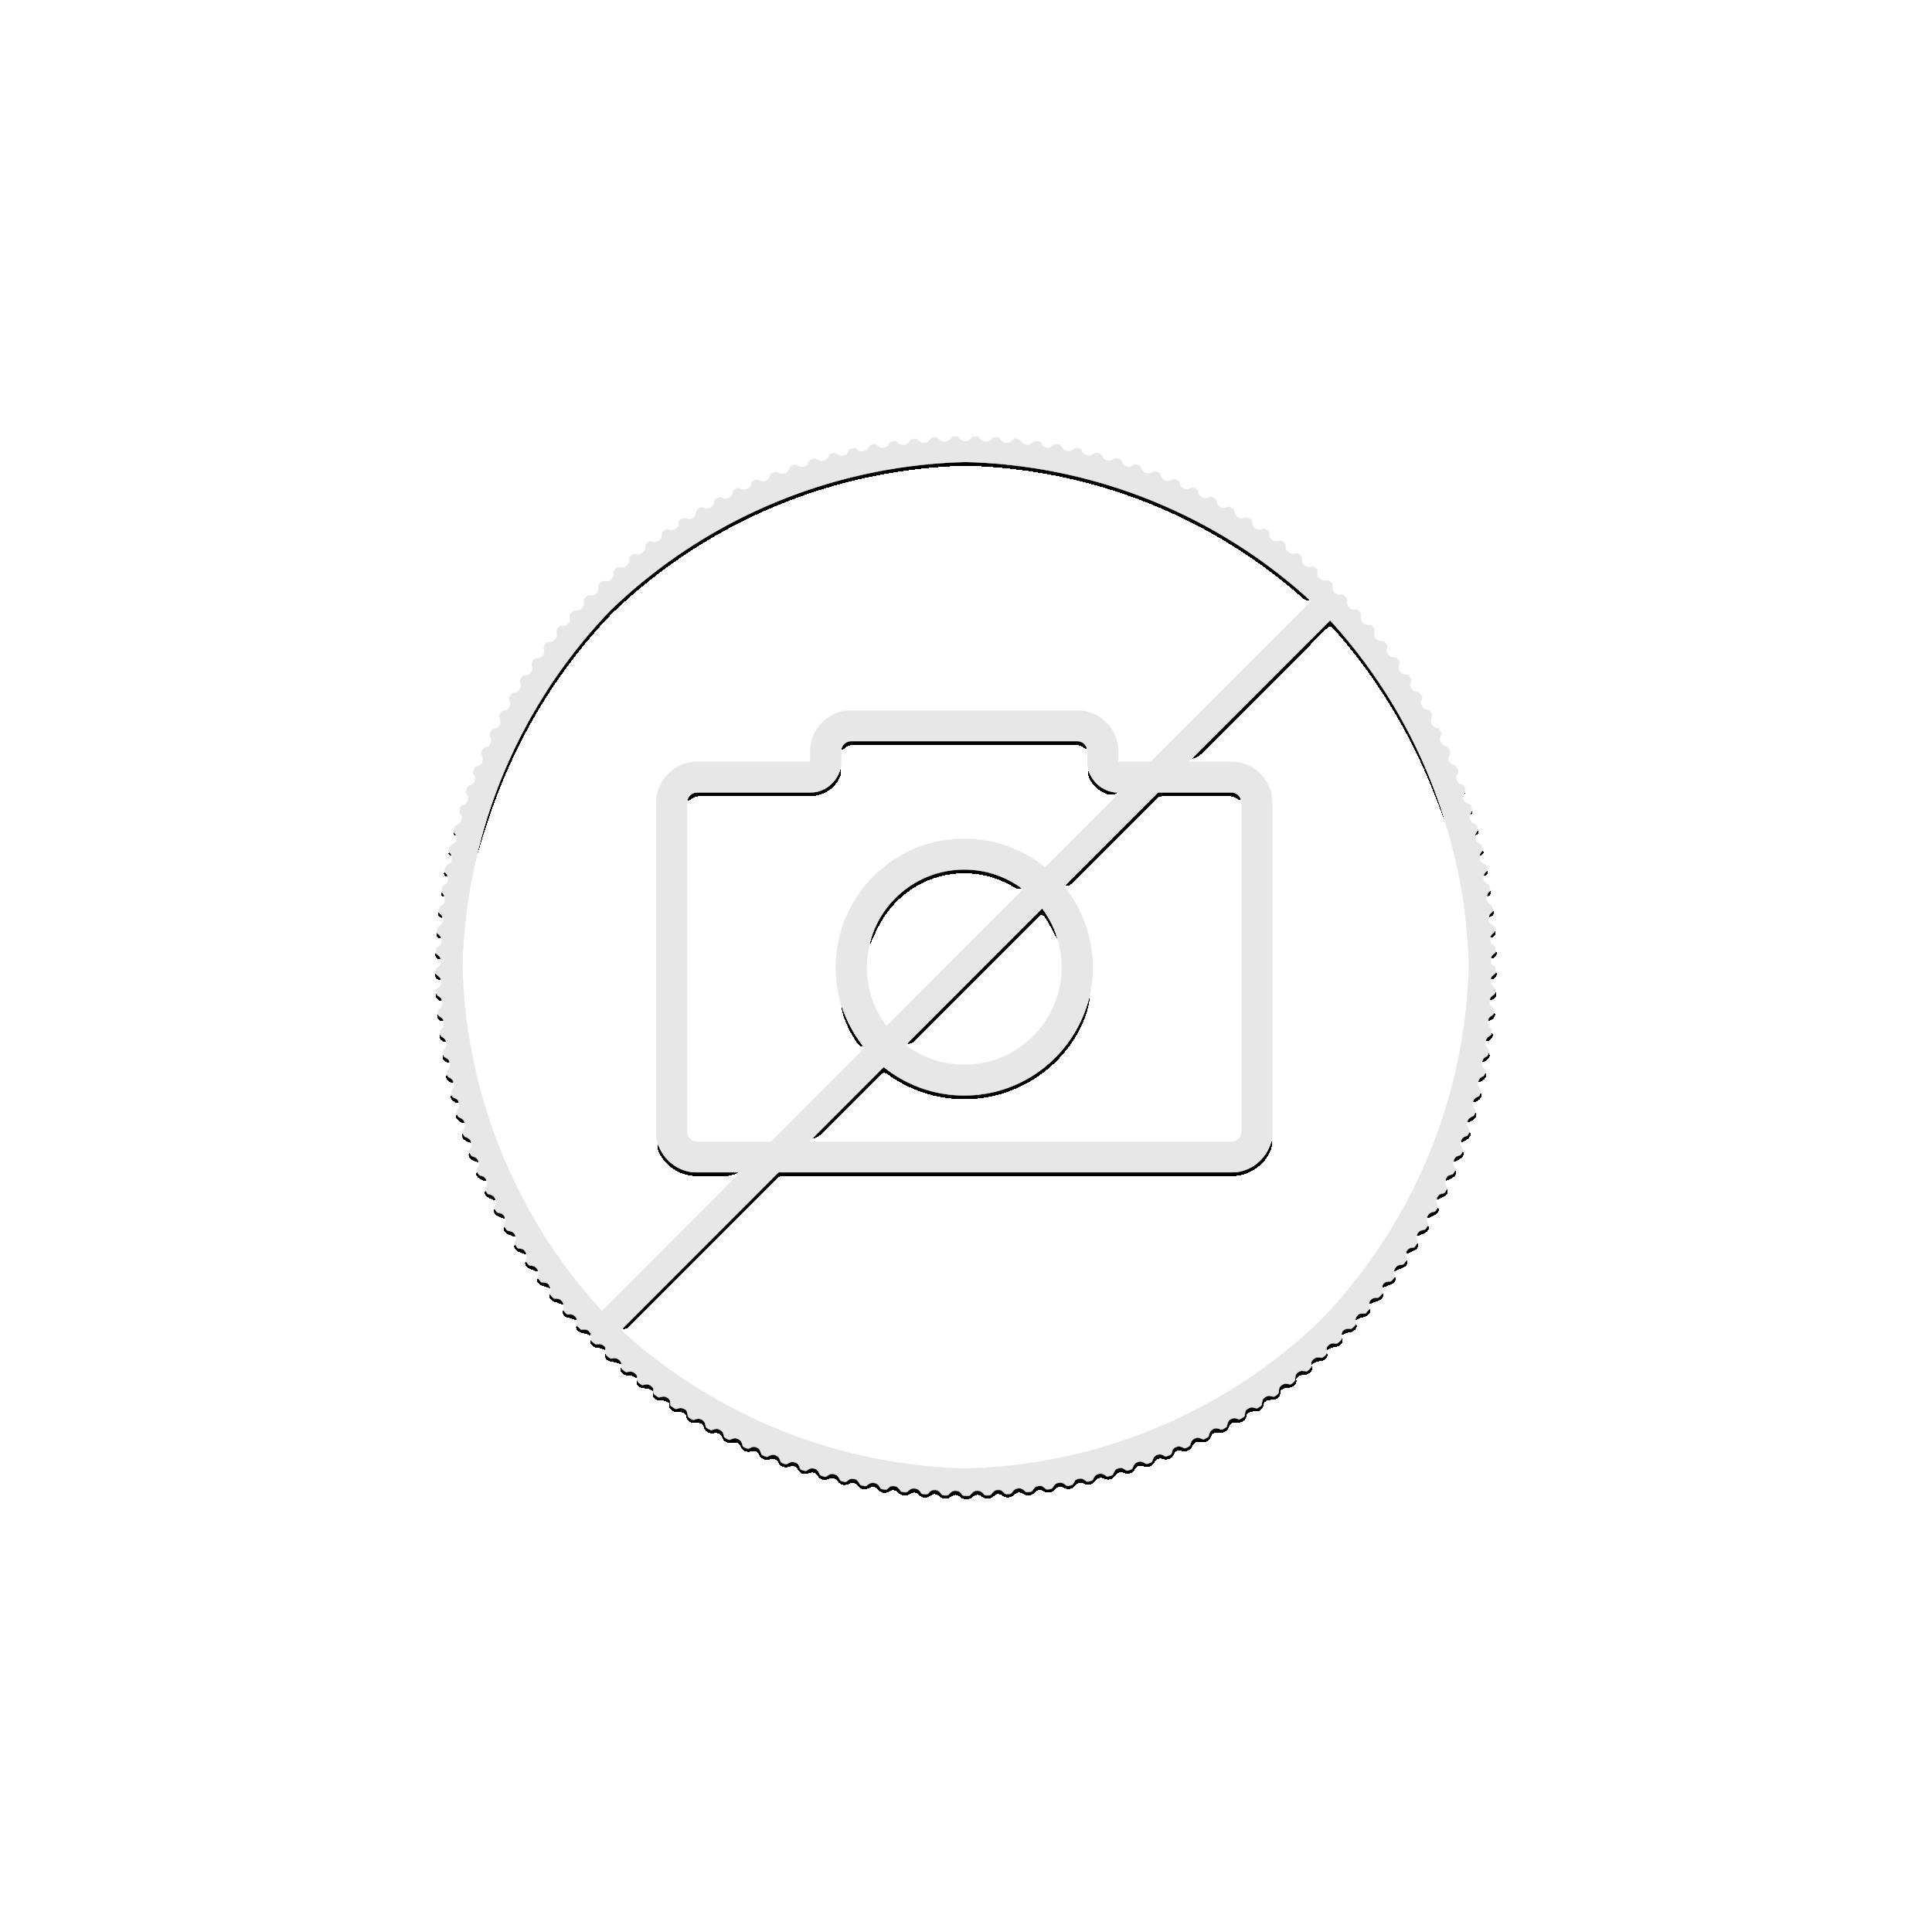 2 troy ounce zilveren munt Fortuna hemelse schoonheid 2021